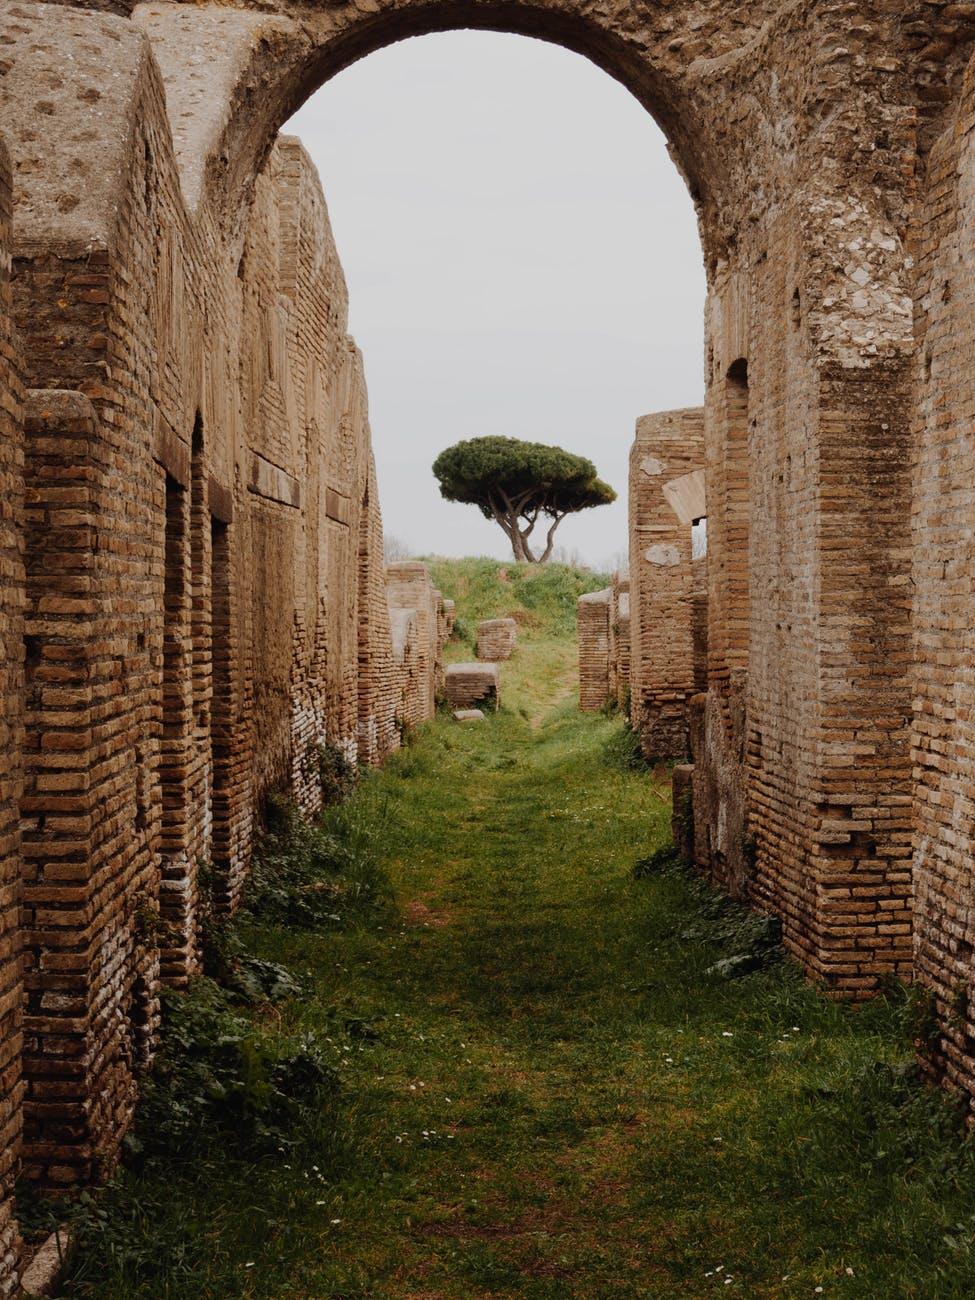 ruins near tree